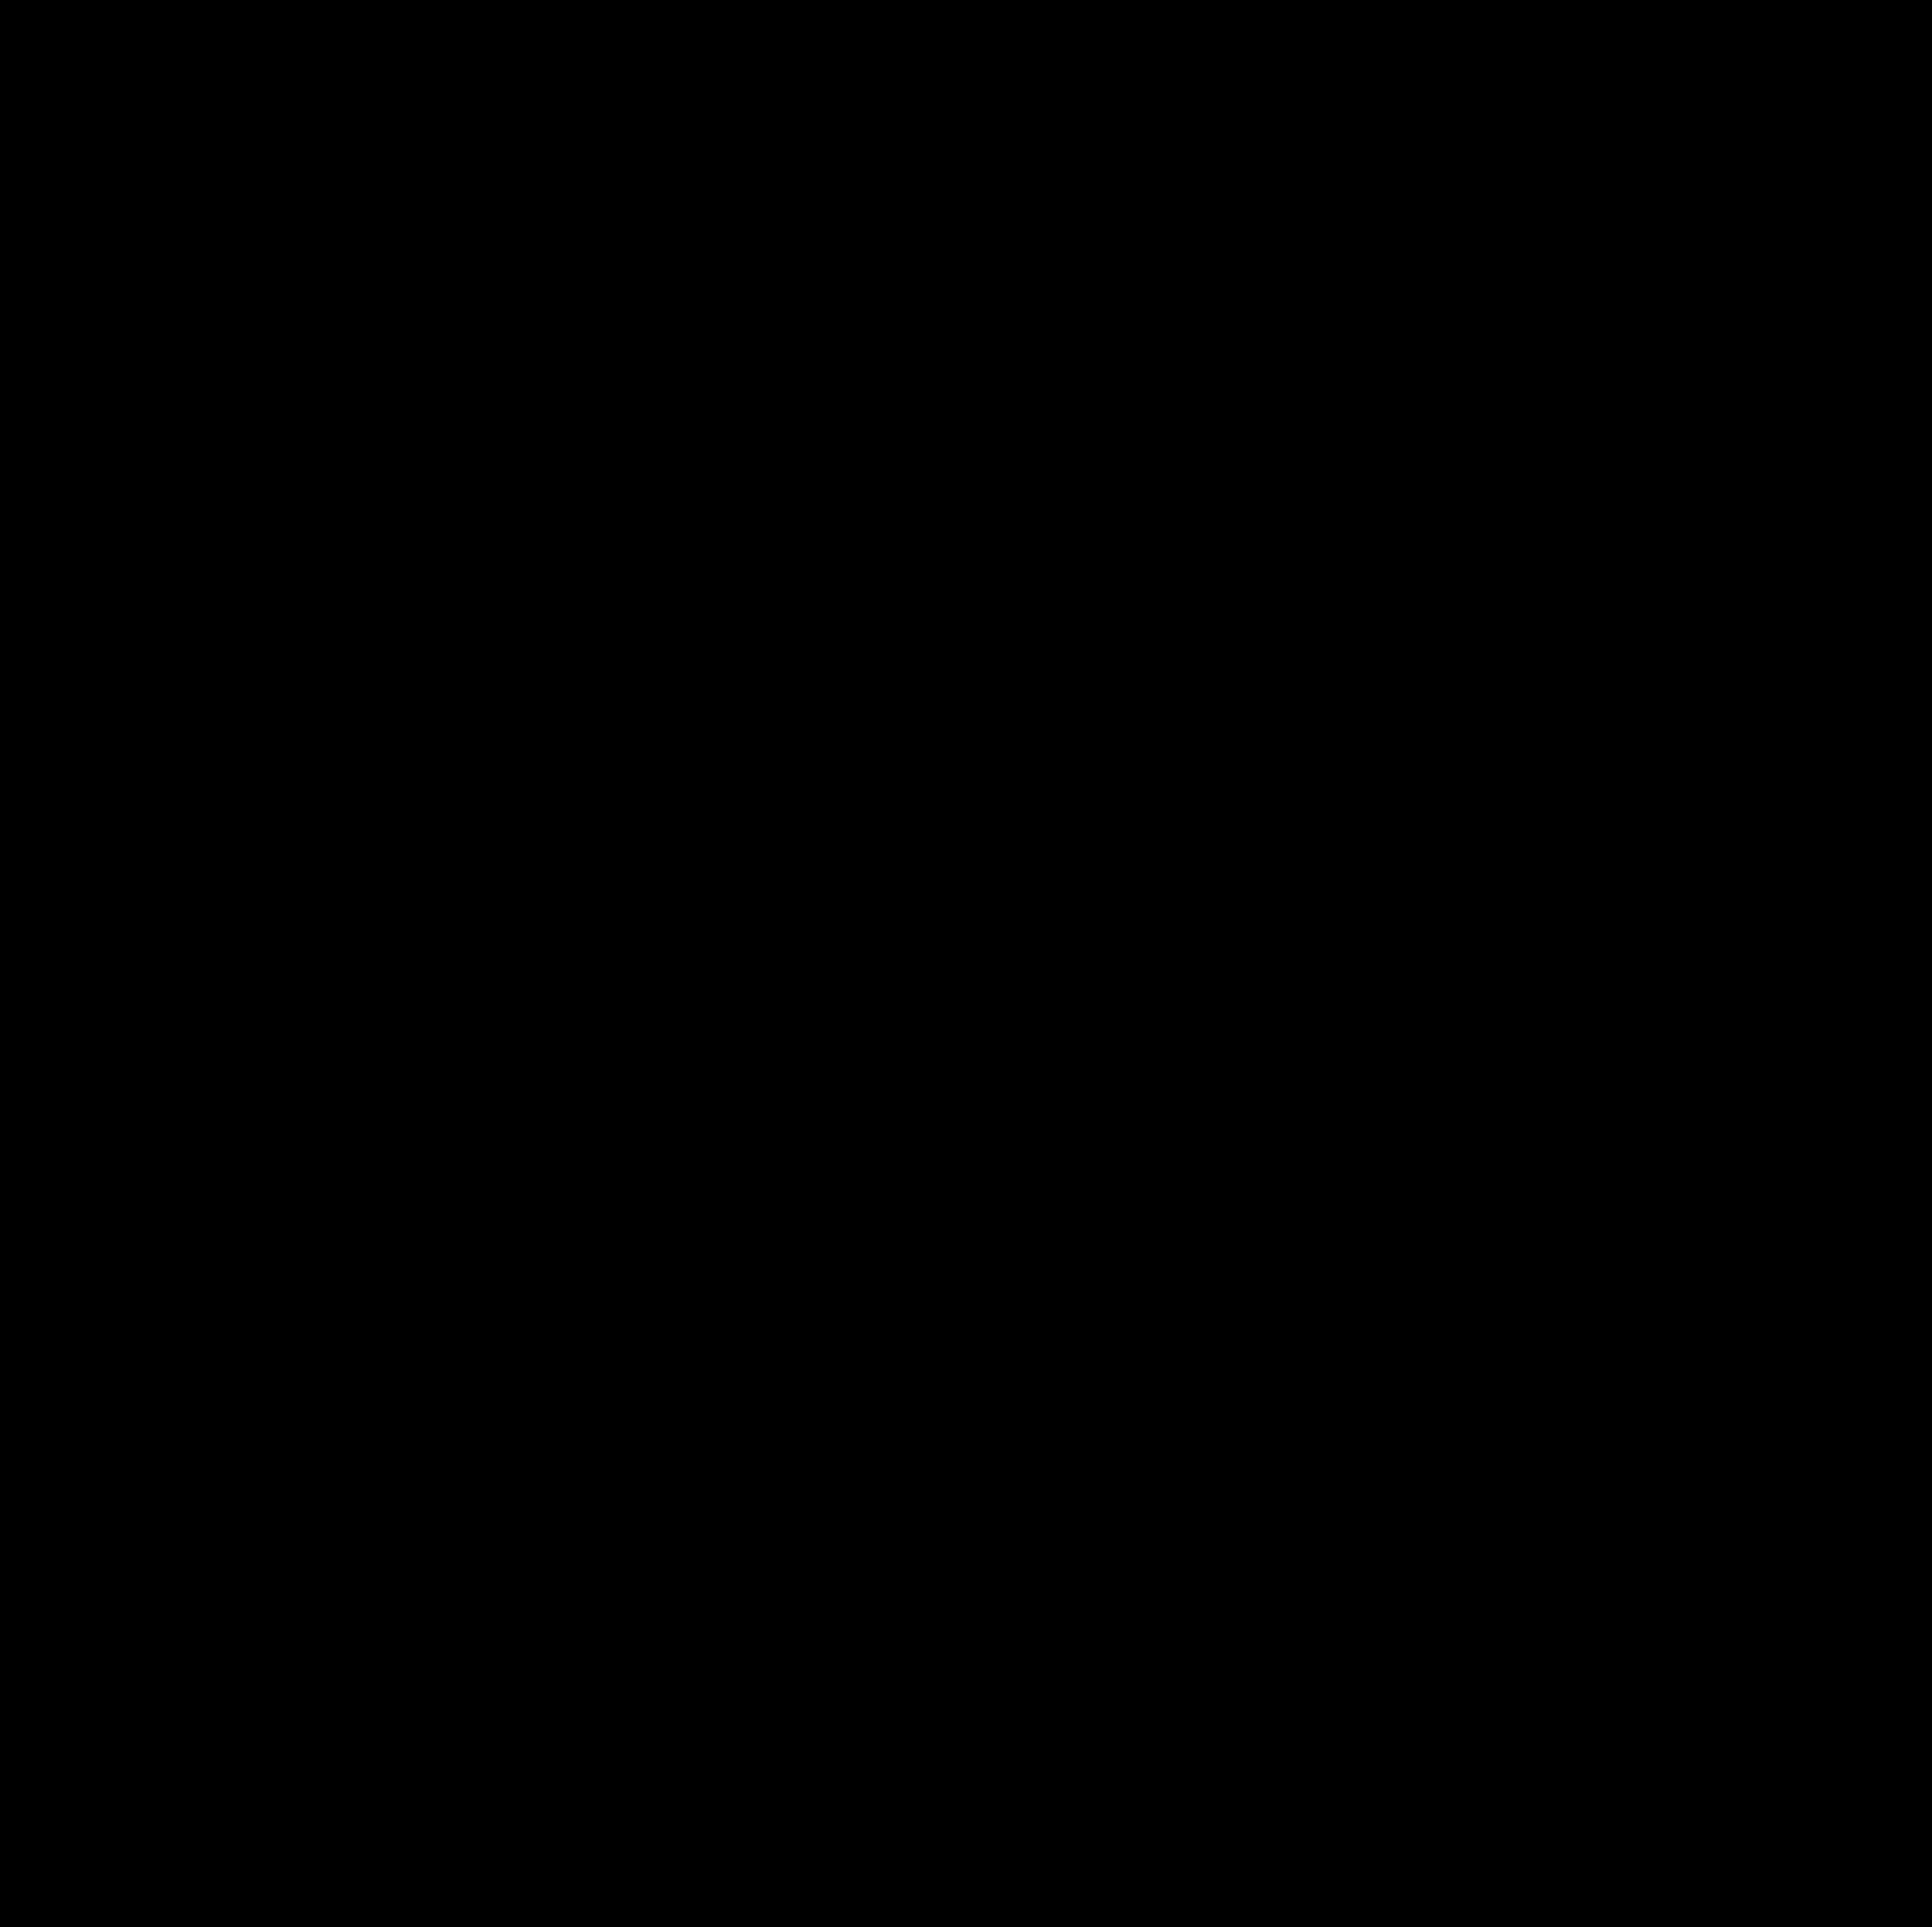 Clipart - Art Nouveau Design 7